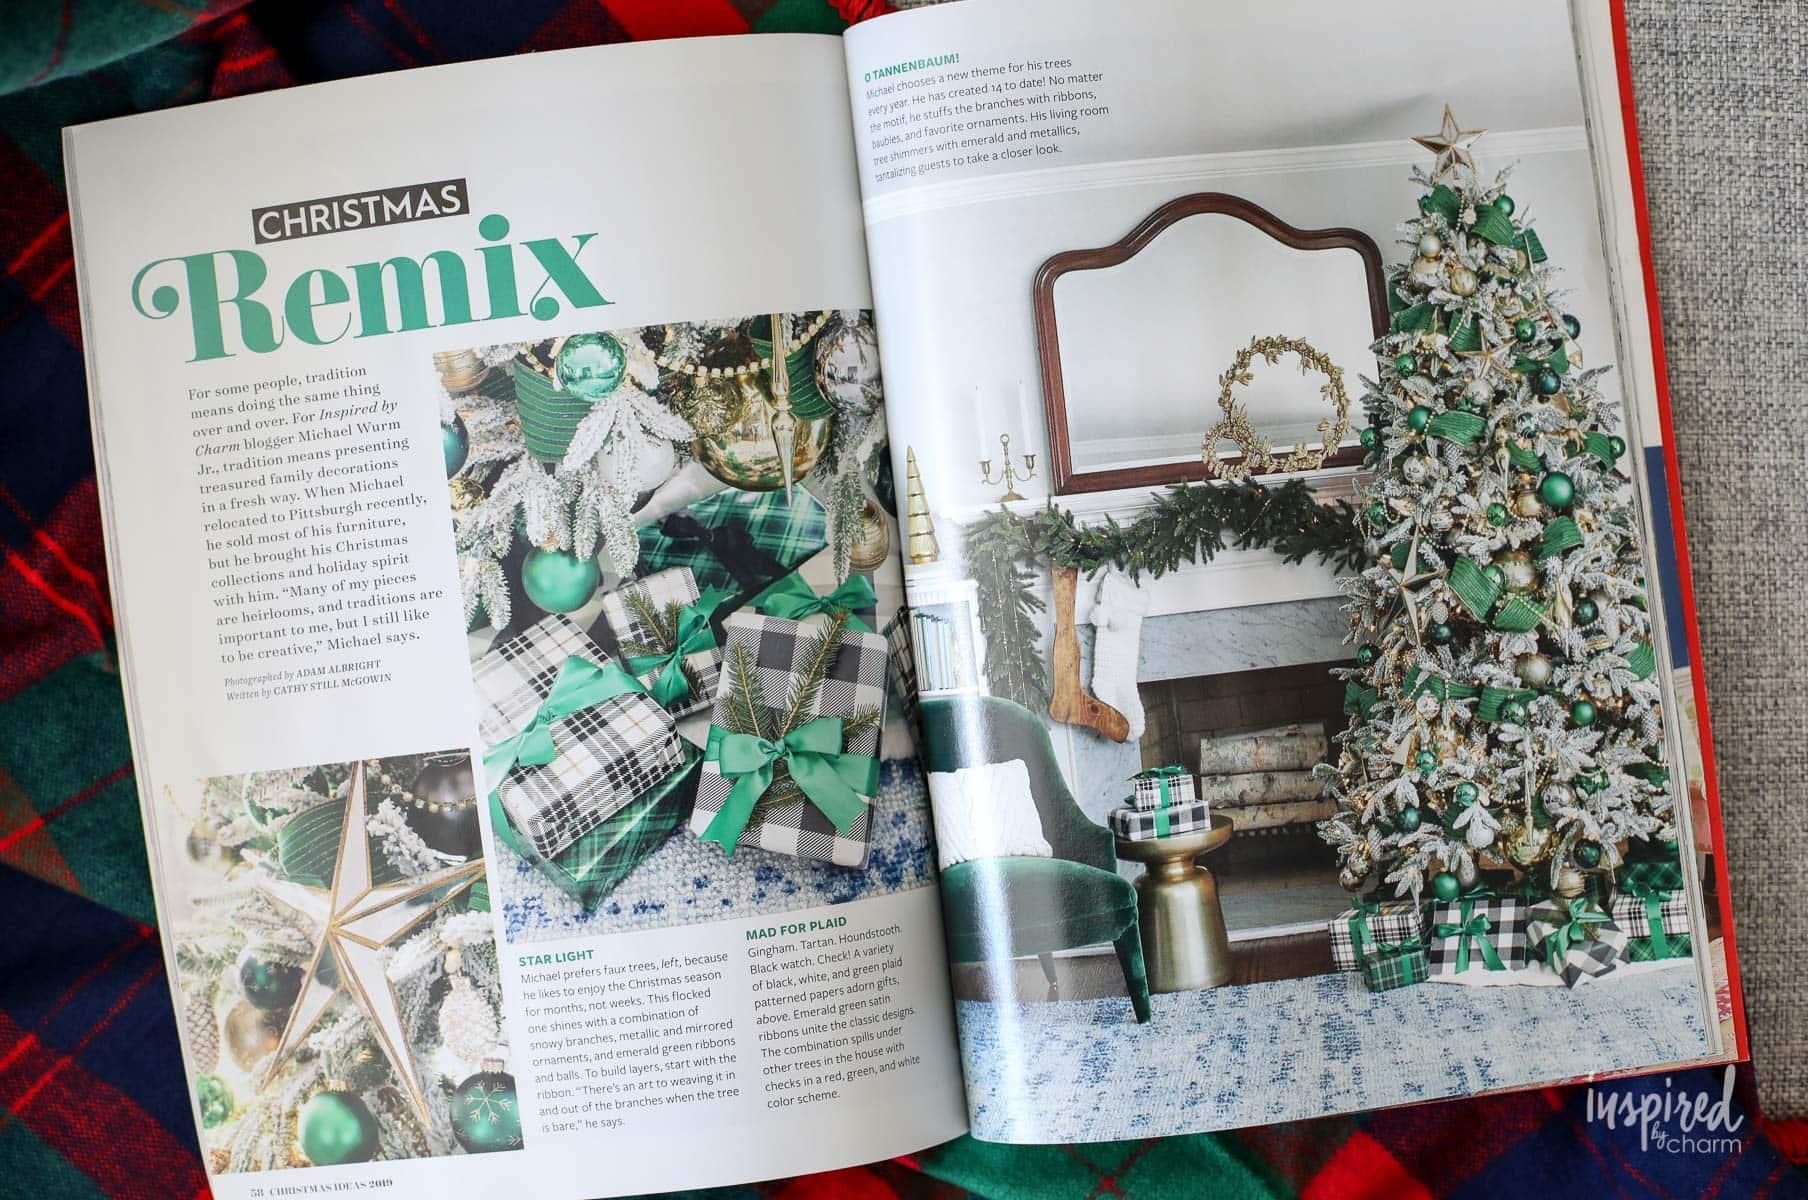 My Christmas Dream 2019.Holiday Decor Ideas Bhg Christmas Ideas Magazine